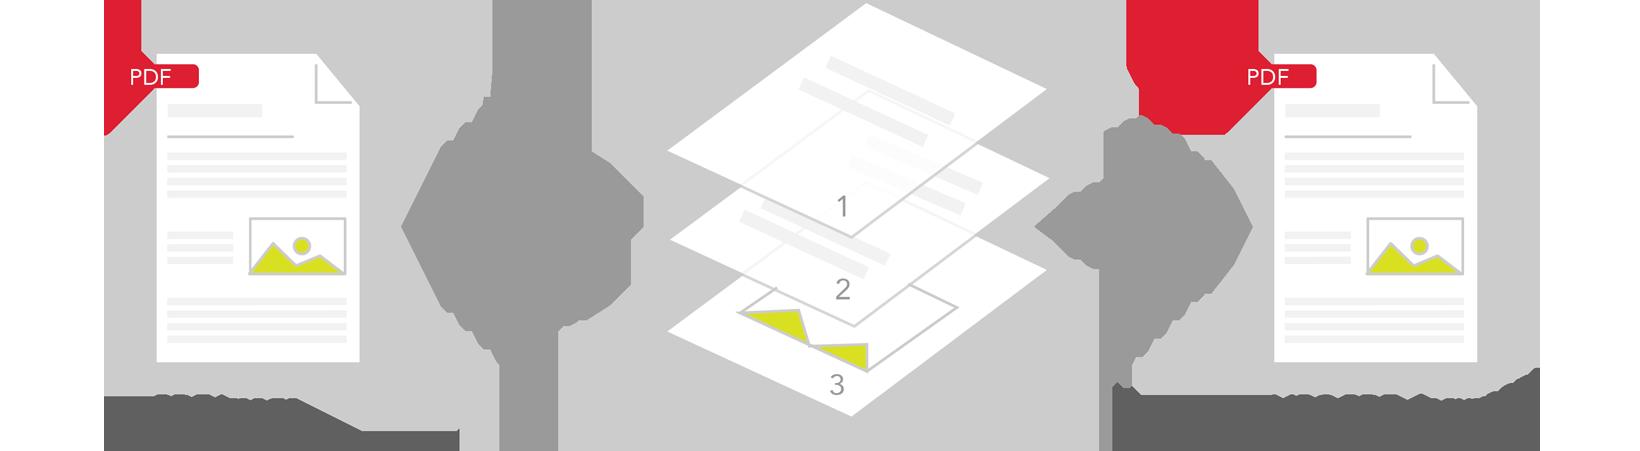 Pdf reducer orpalis aplikasi